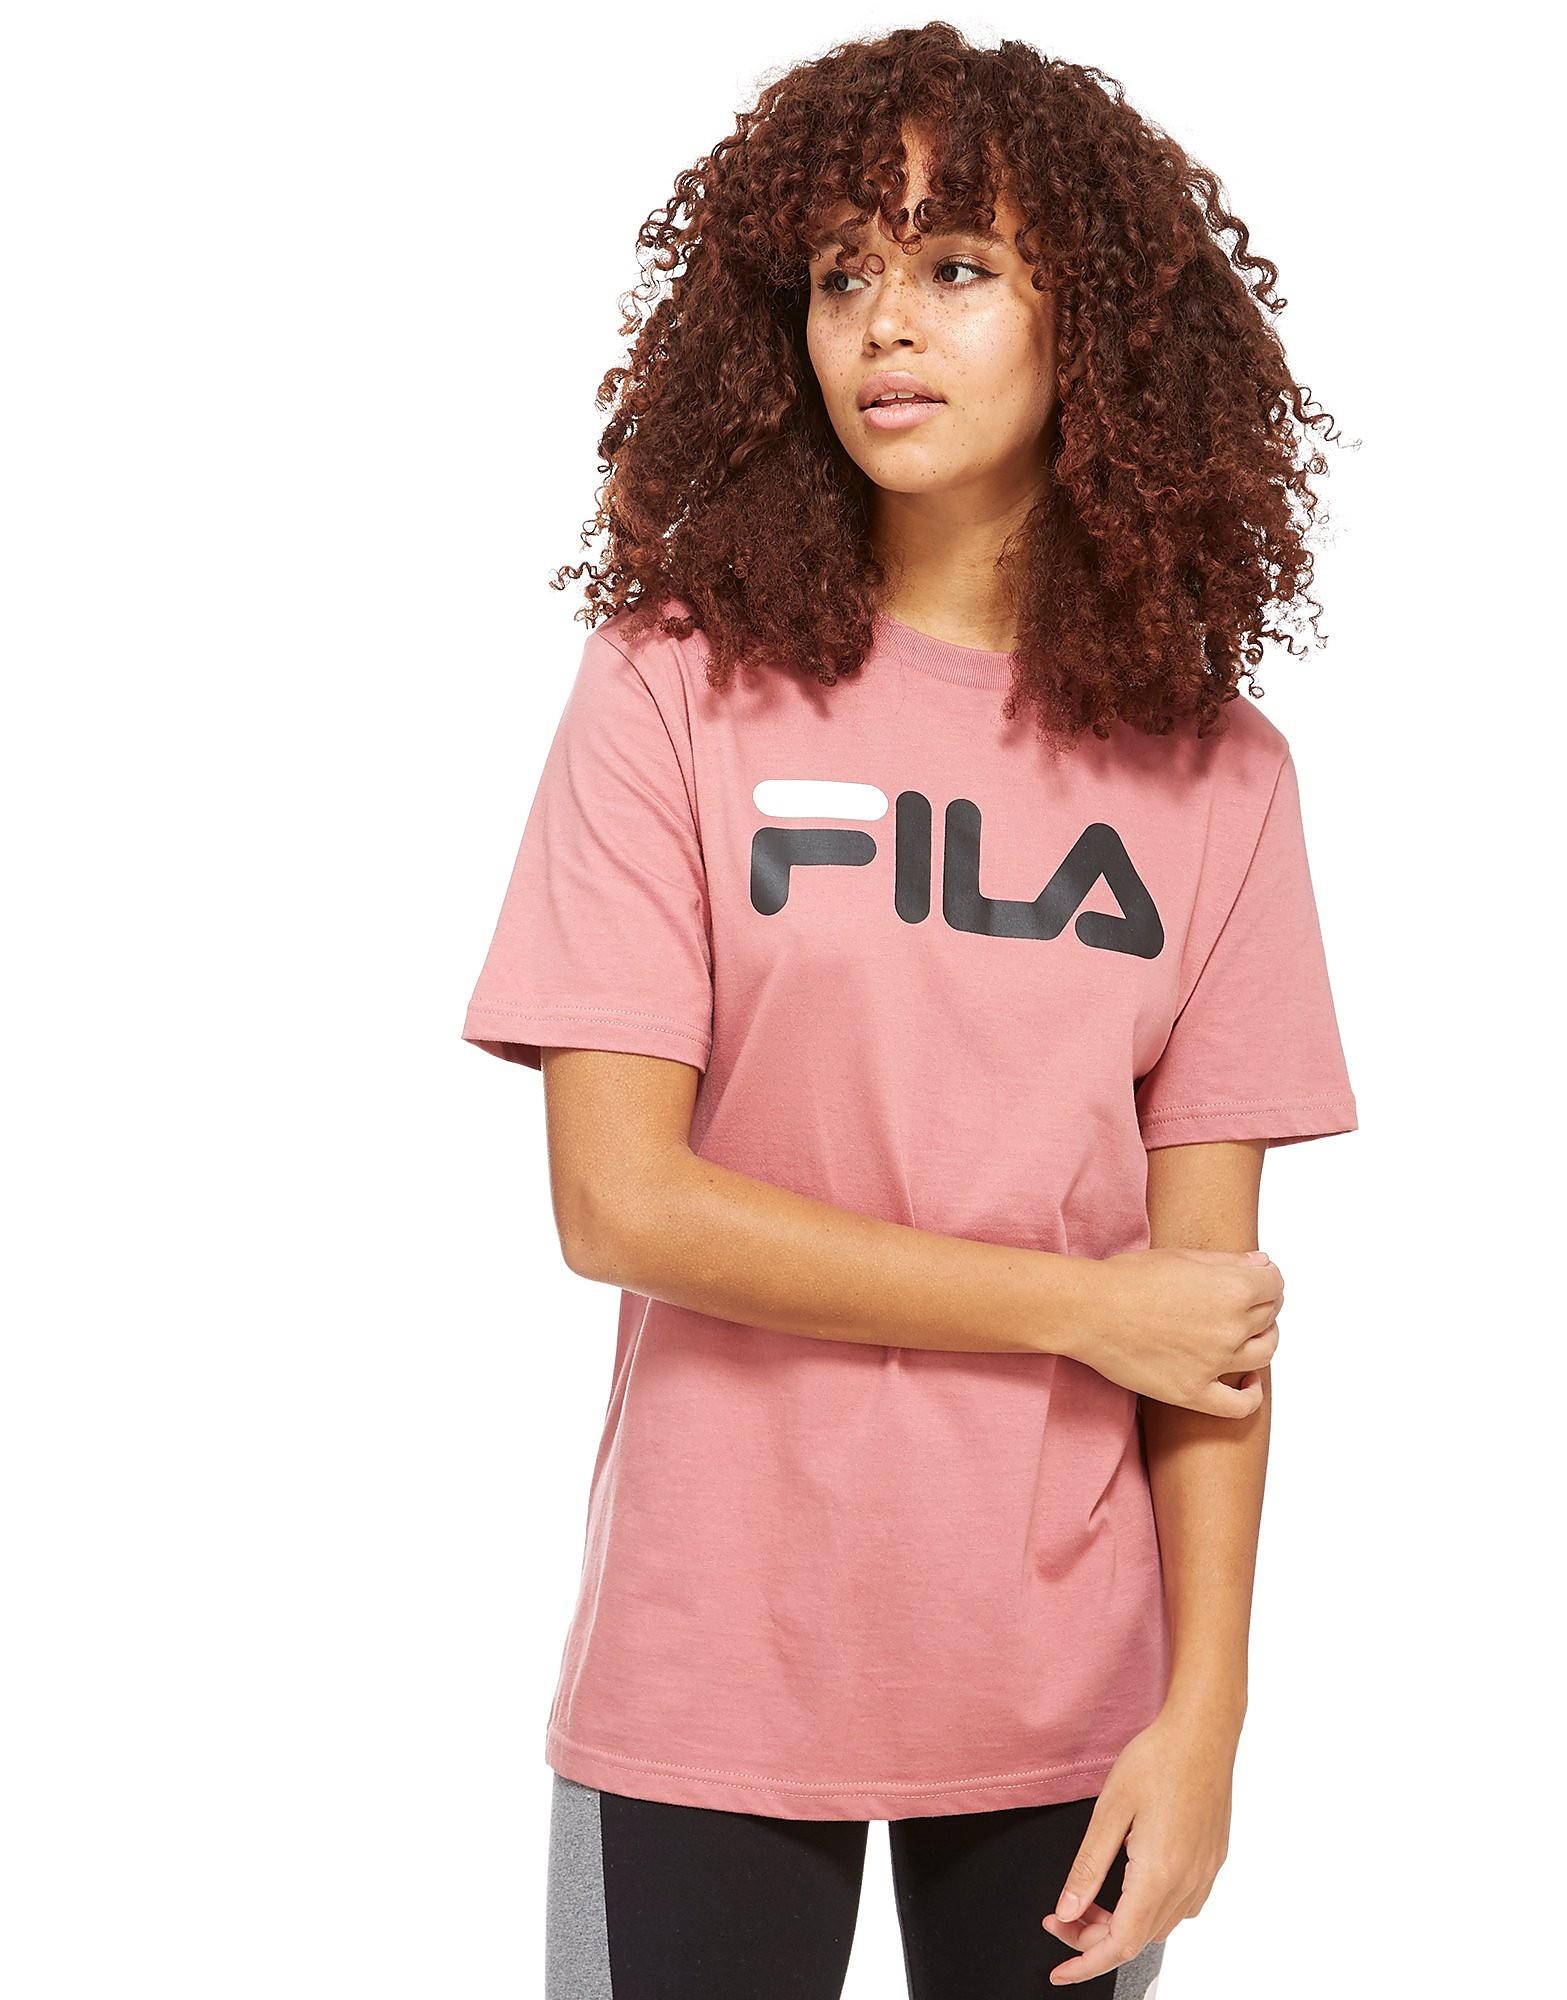 Fila T-shirt Prudy Boyfriend